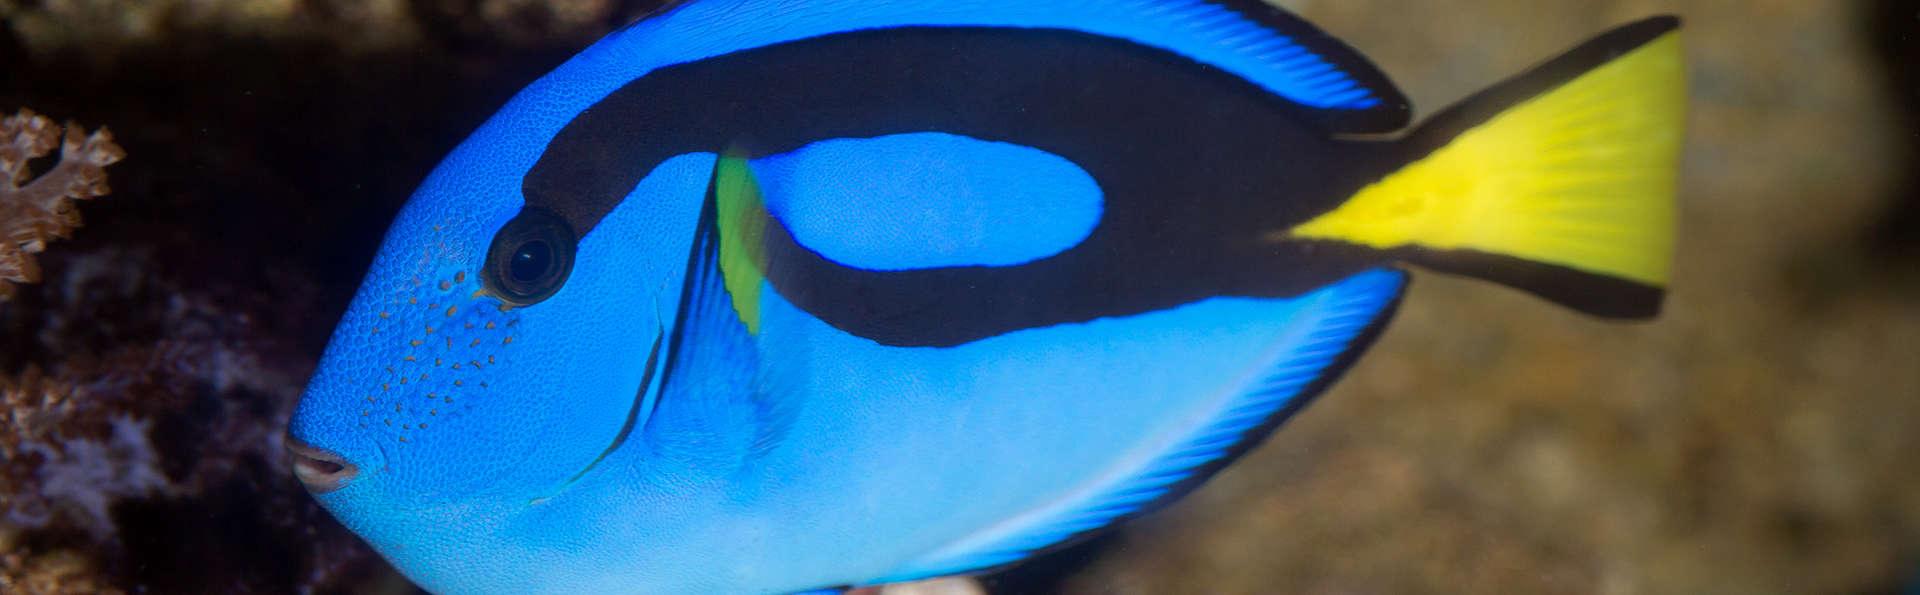 Escapada en familia: Descubre las maravillas de Aquarium de Barcelona